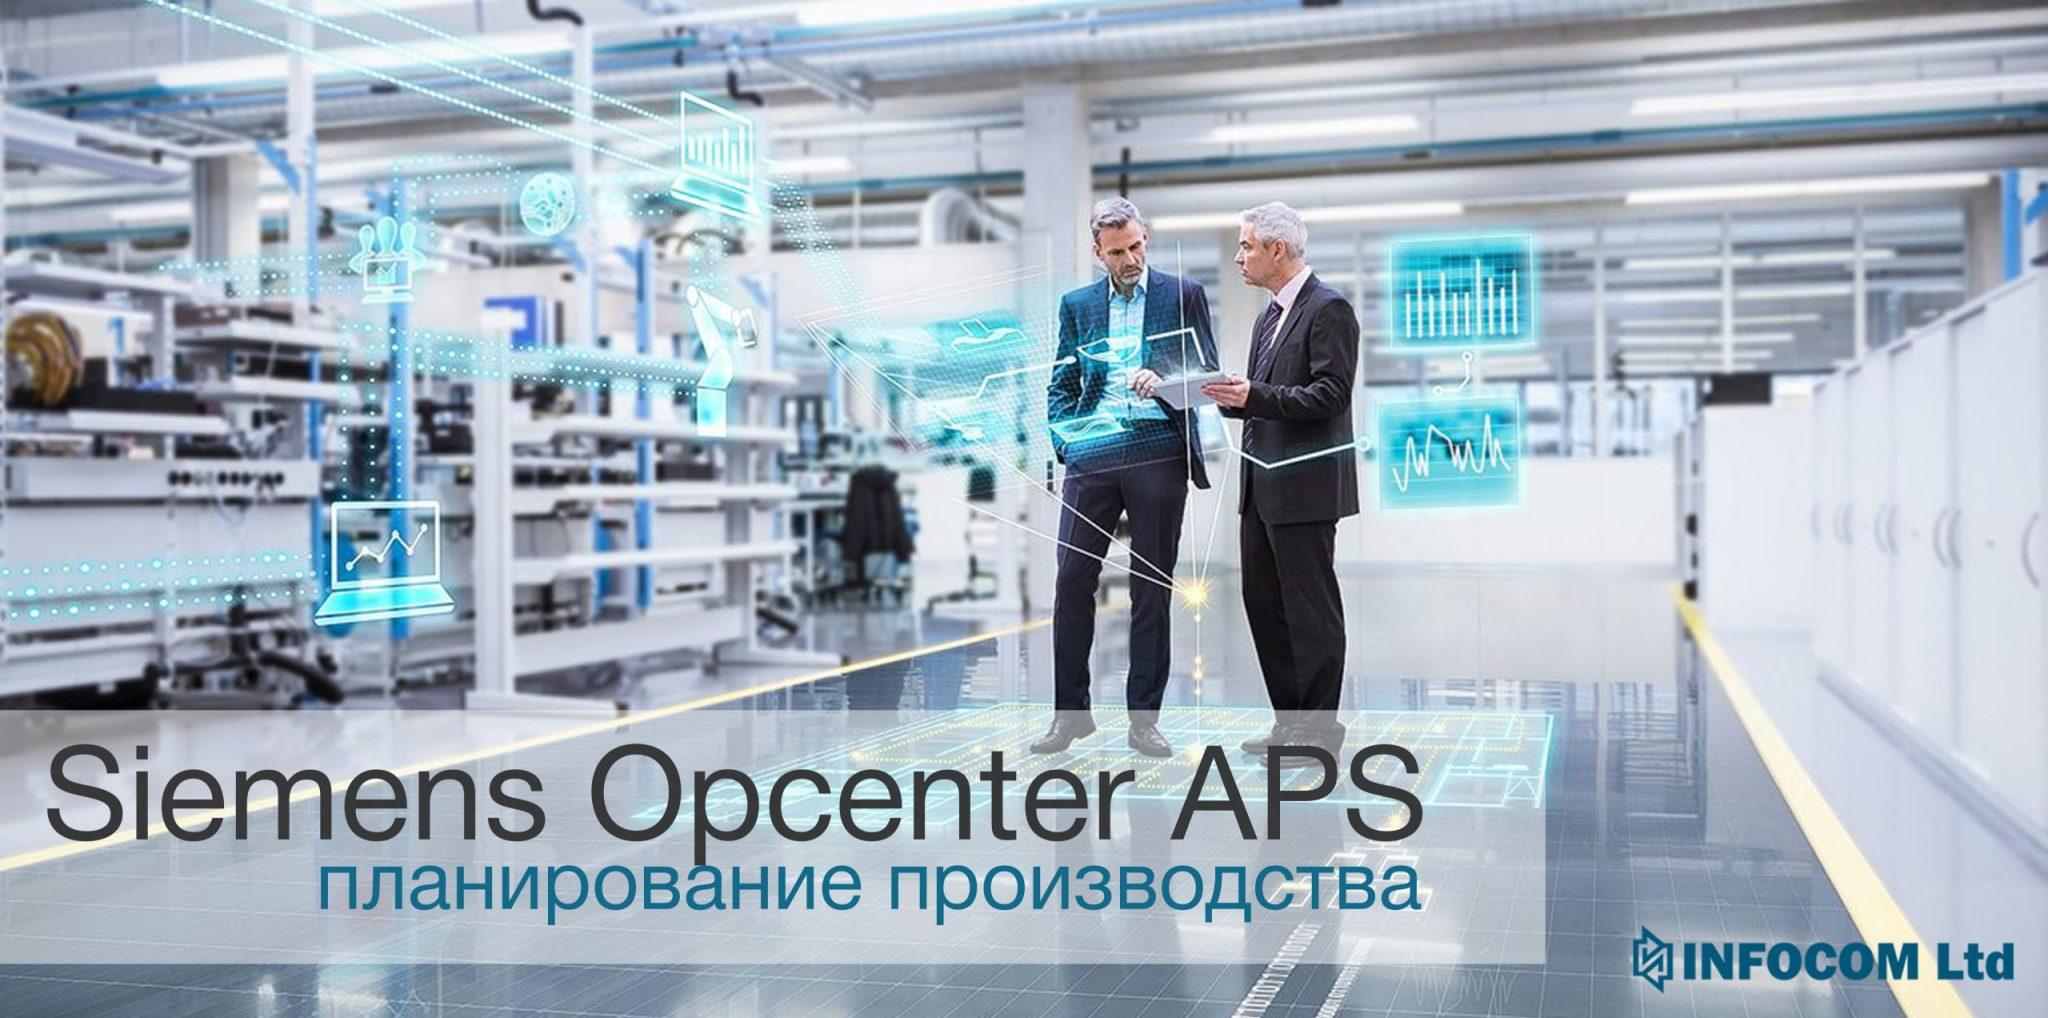 Opcenter-APS-infocom